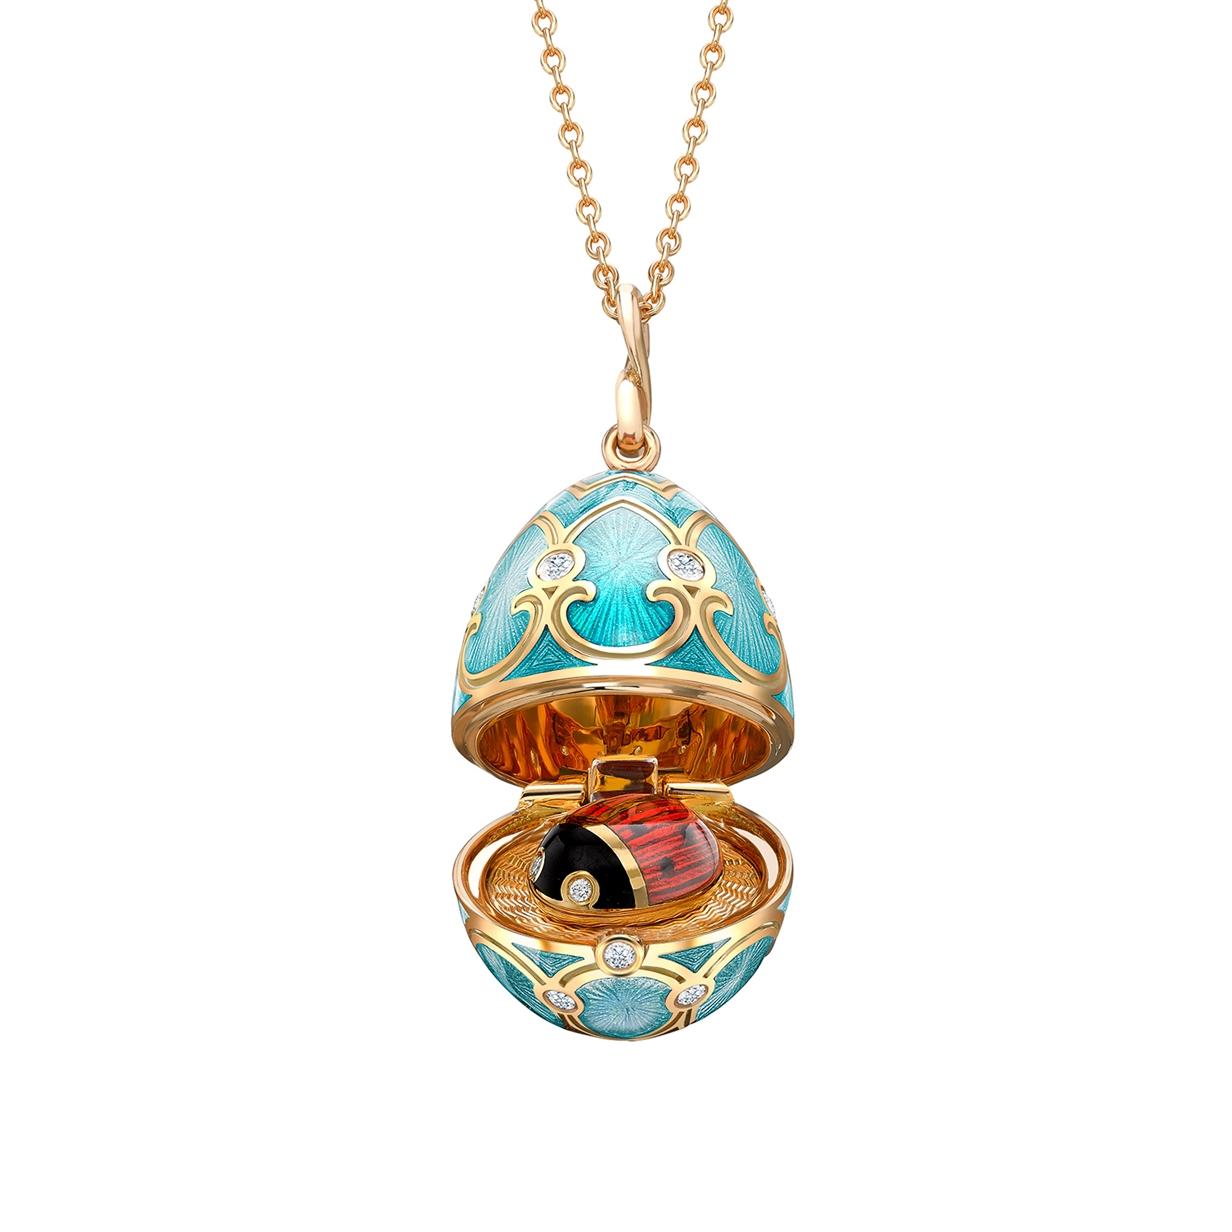 Yellow Gold Diamond & Turquoise Guilloché Enamel Ladybird Surprise Locket | Fabergé